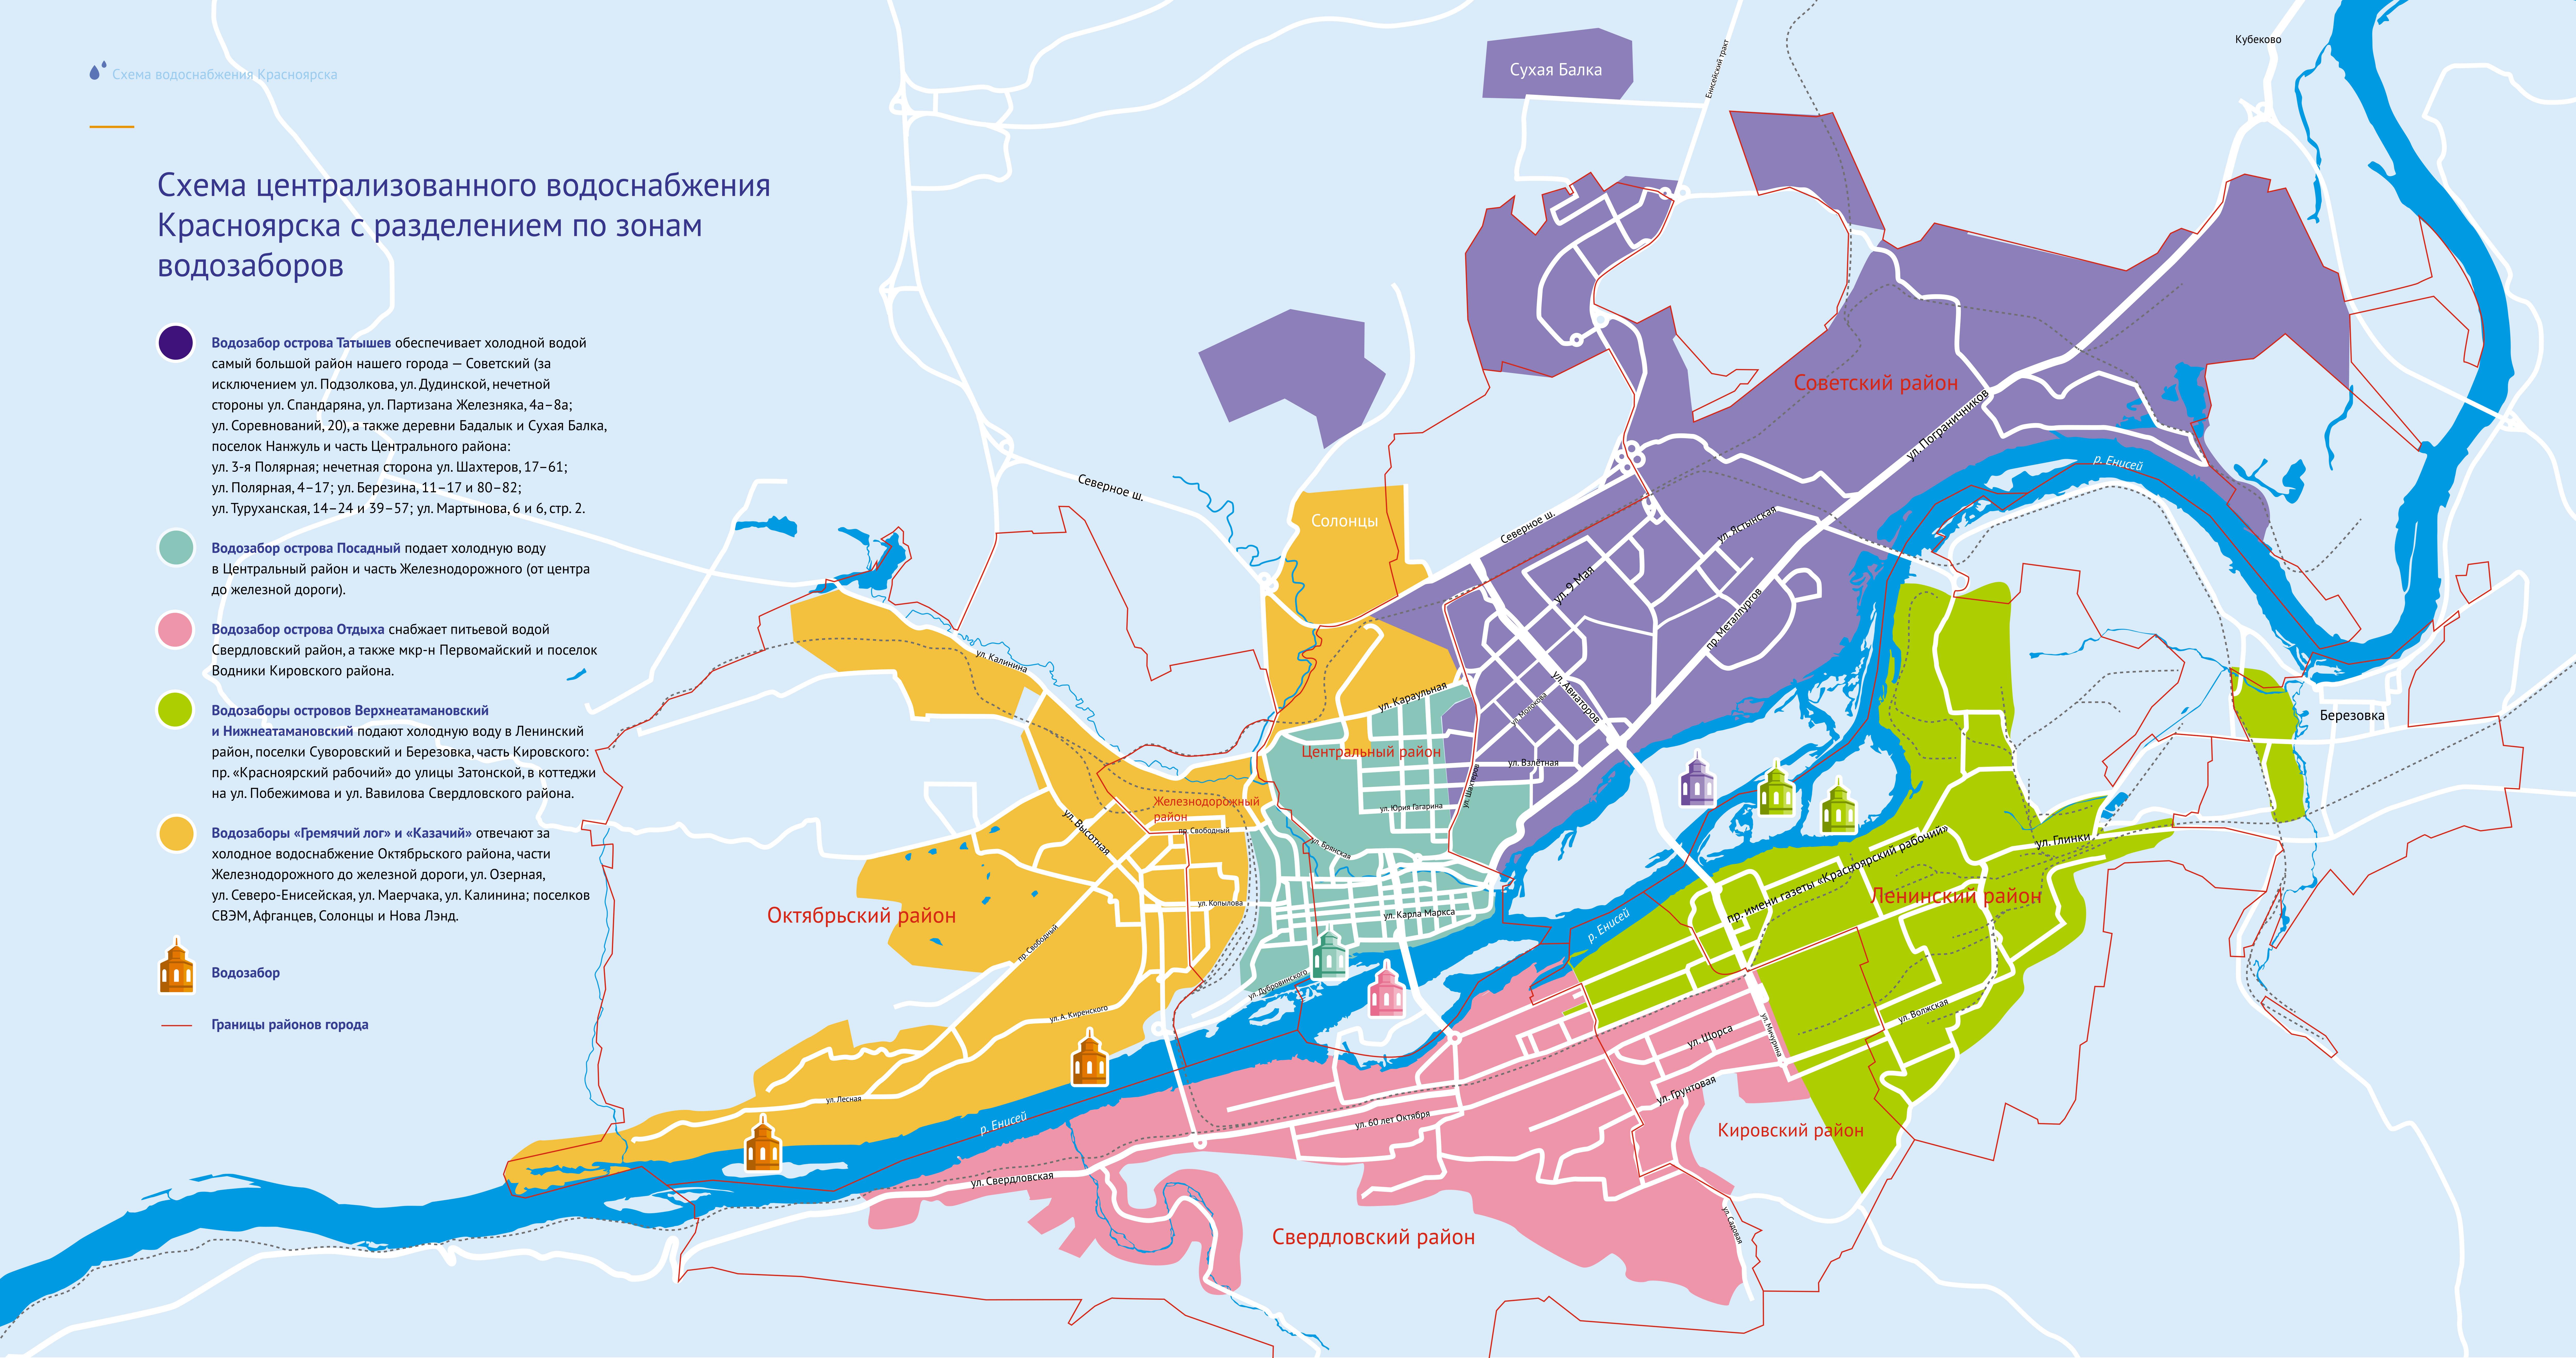 Схема городского водоснабжения г. Красноярска с разбивкой по зонам действия водозаборных сооружений